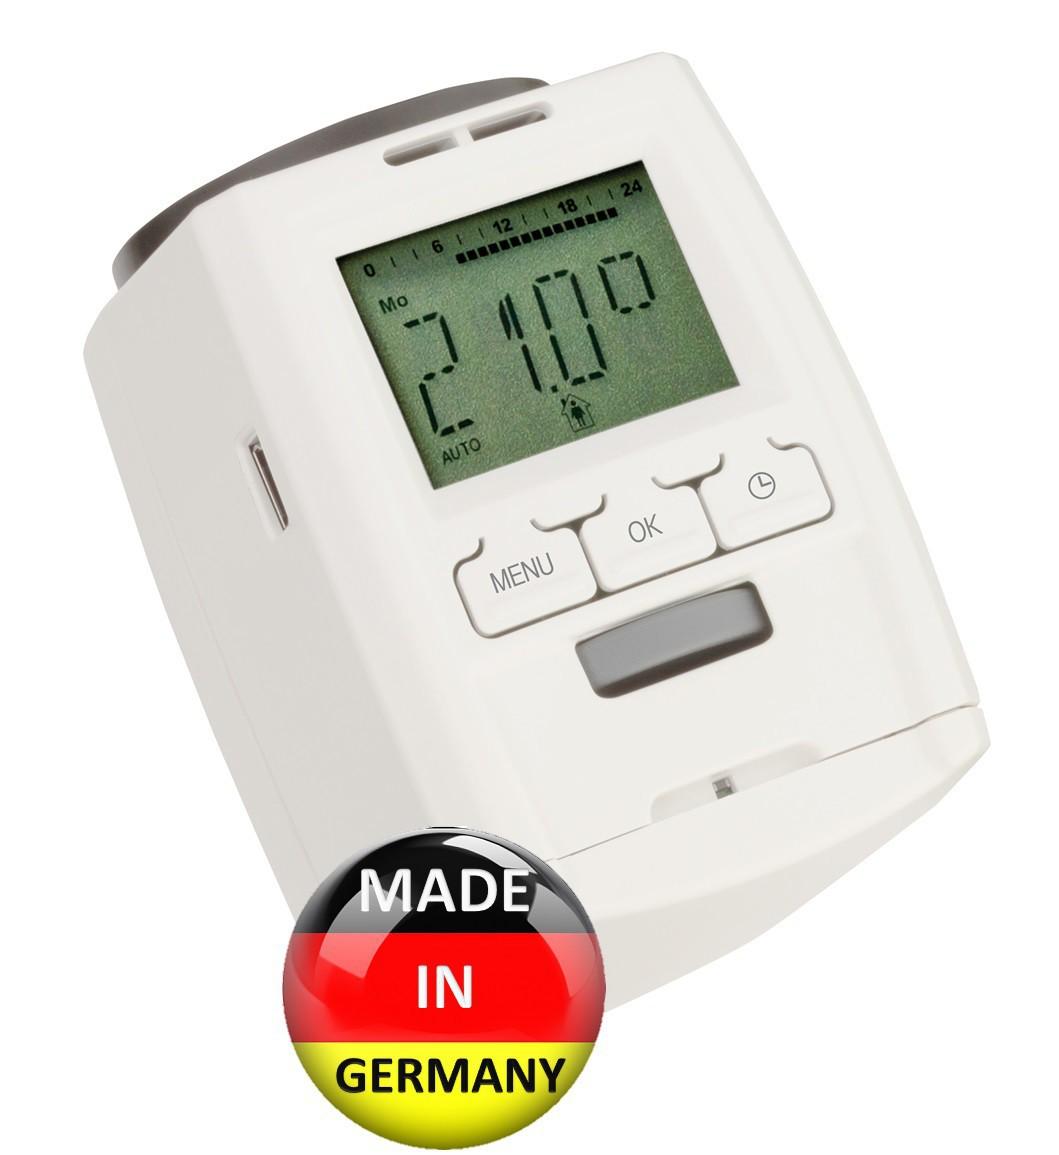 Termostato Digitale A Batterie Radiatori Termostatizzabili Valvole Termostatiche